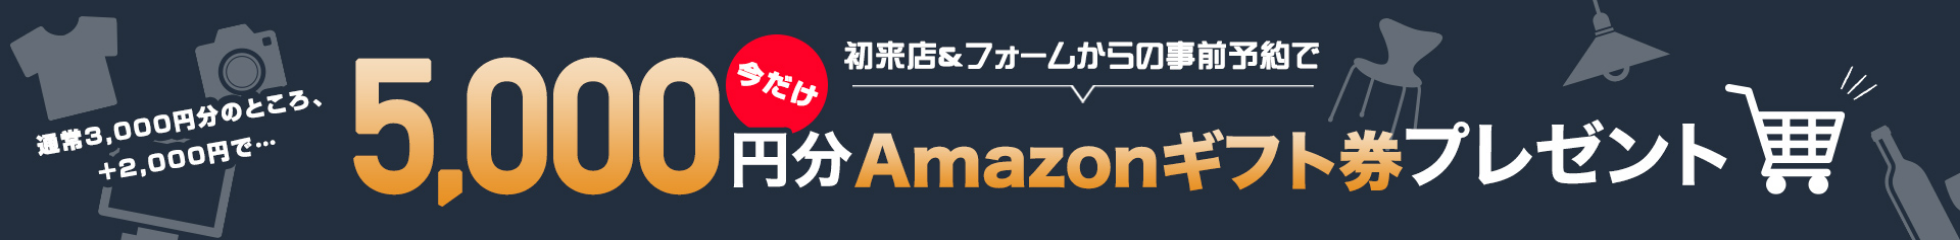 5,000円分Amazonギフト券プレゼント